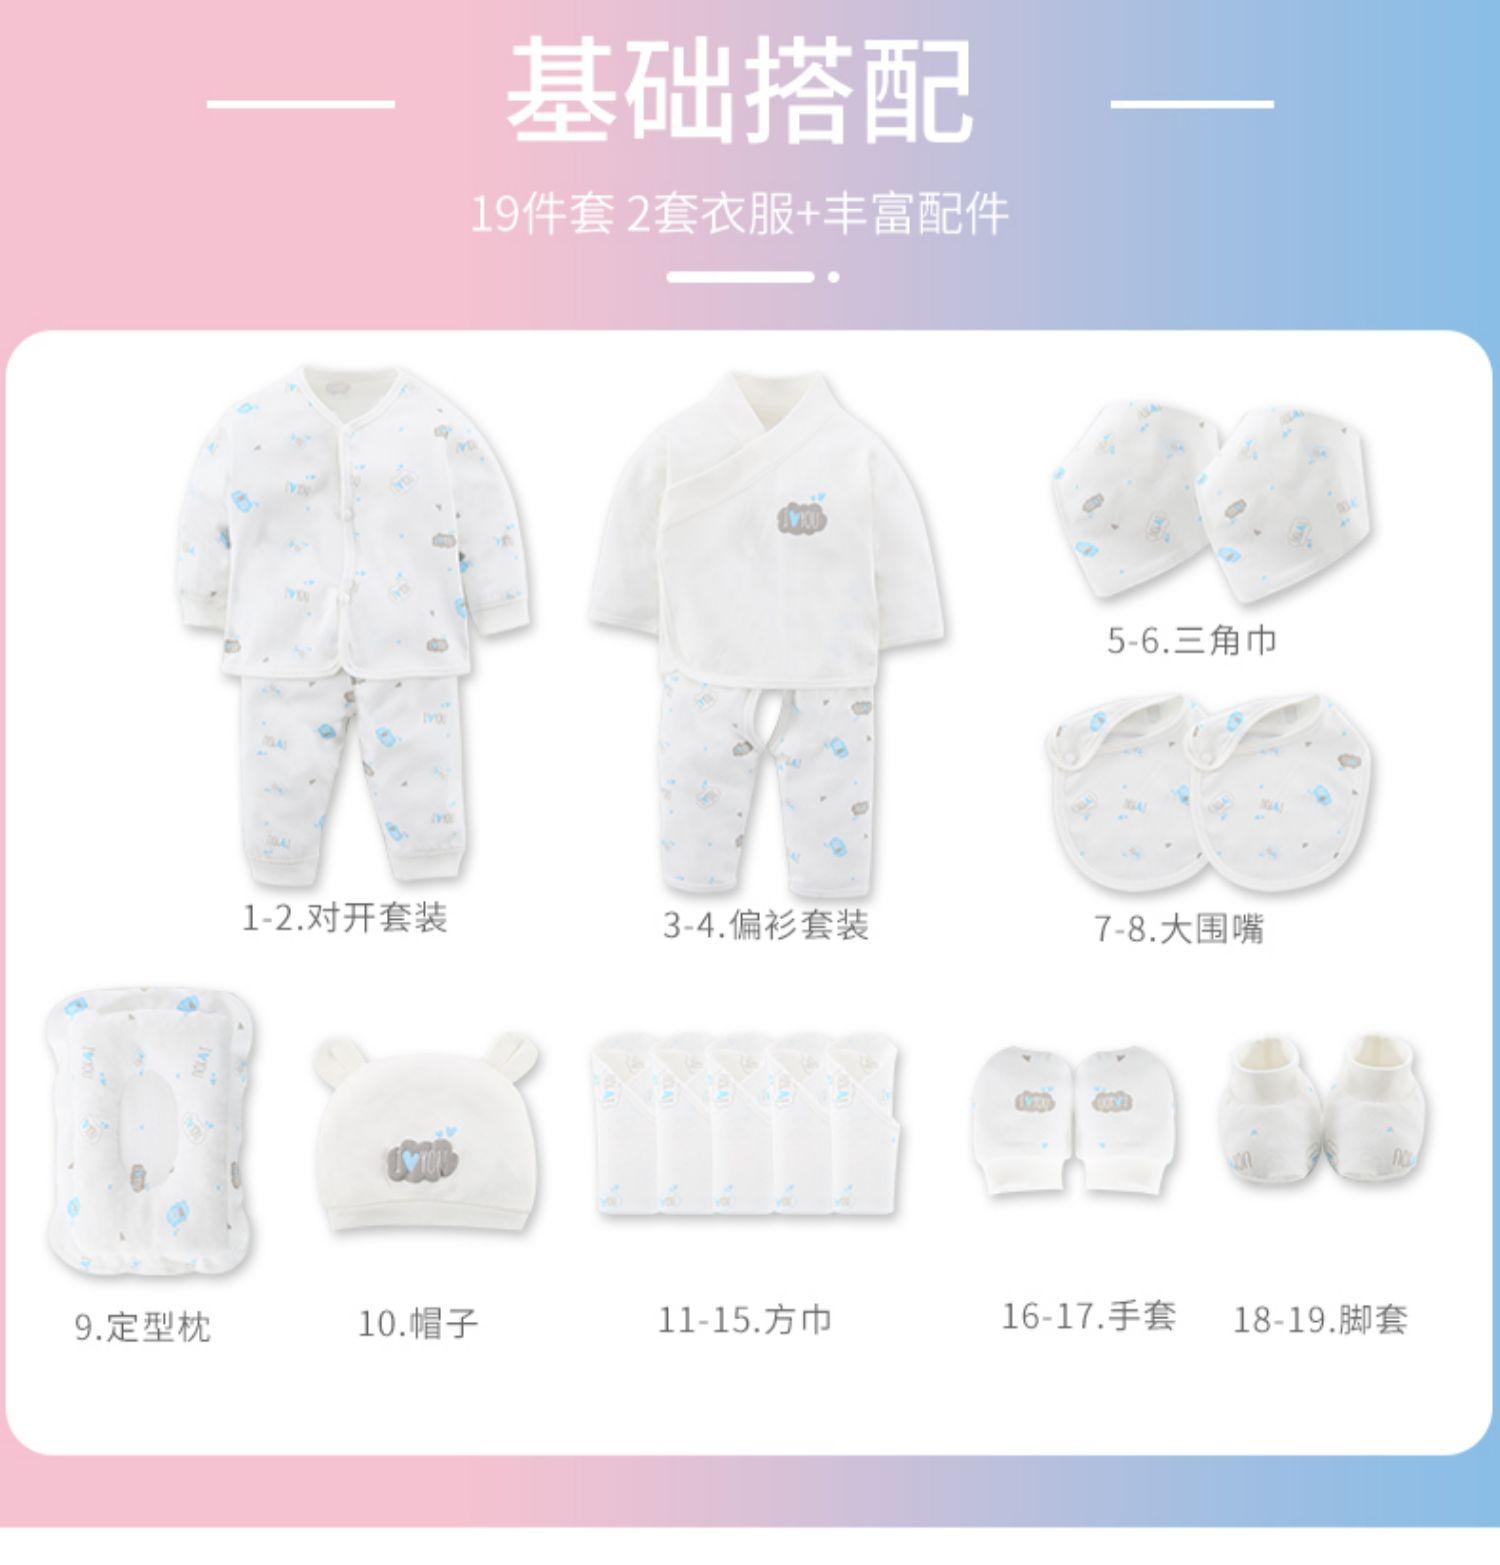 新生儿婴儿衣服礼盒套装 17